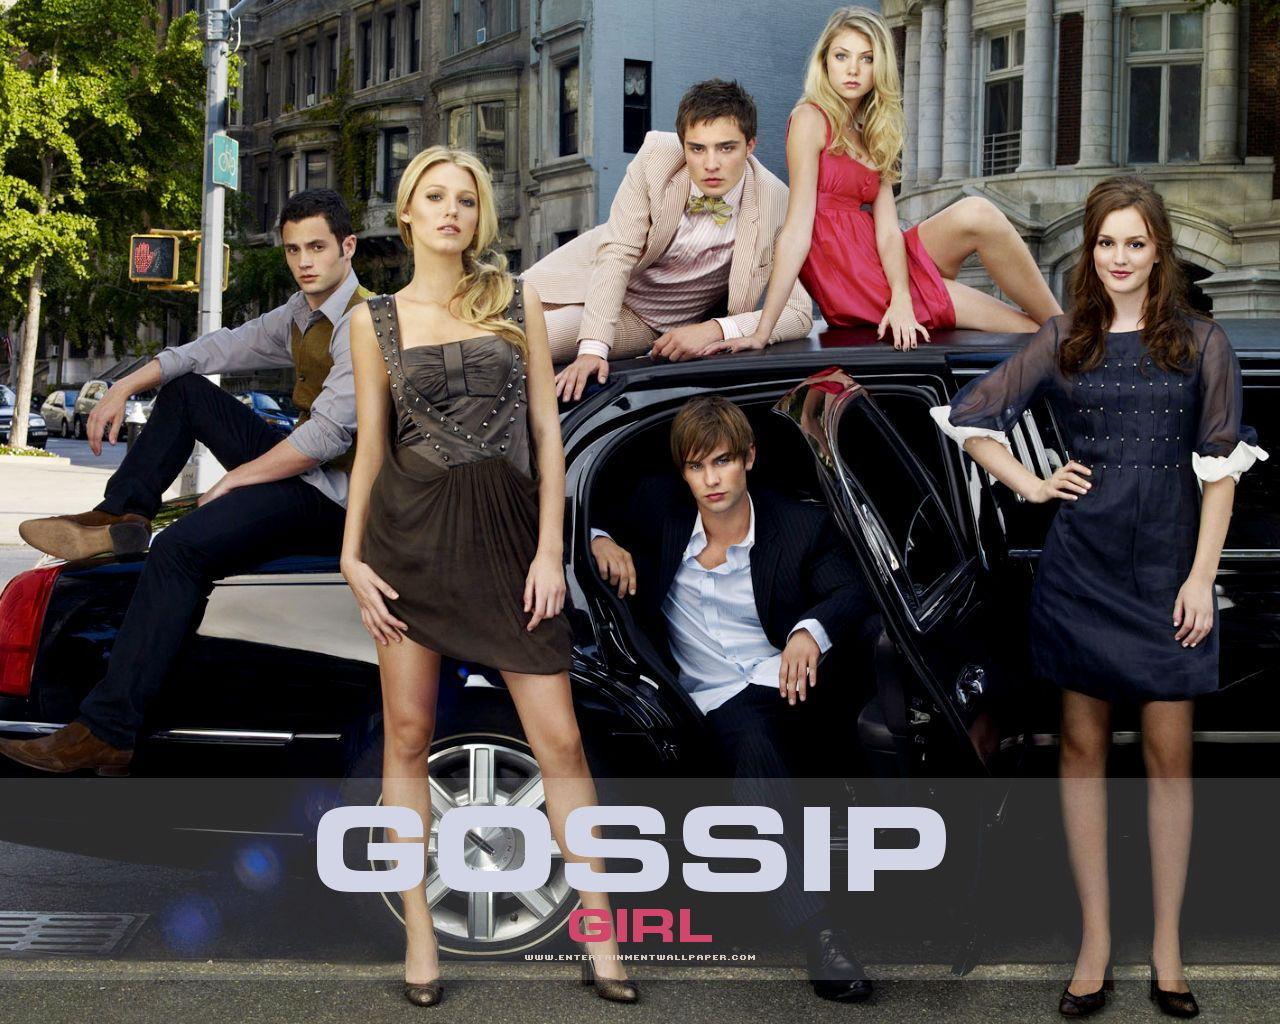 Haleydewit gossip girl